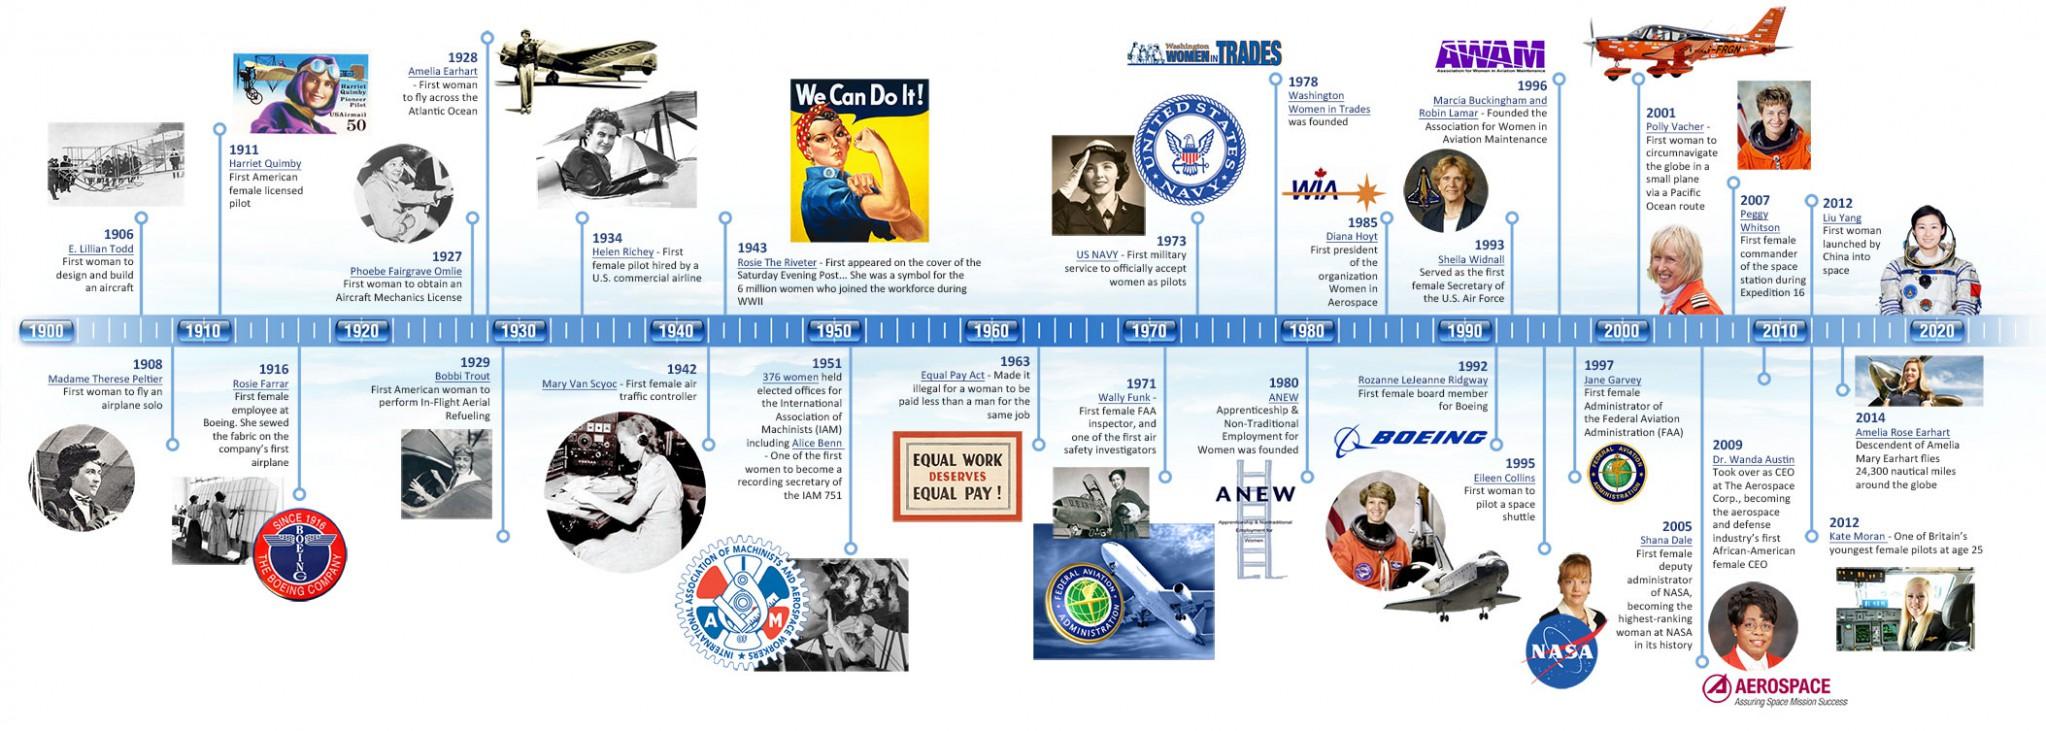 timeline-2014